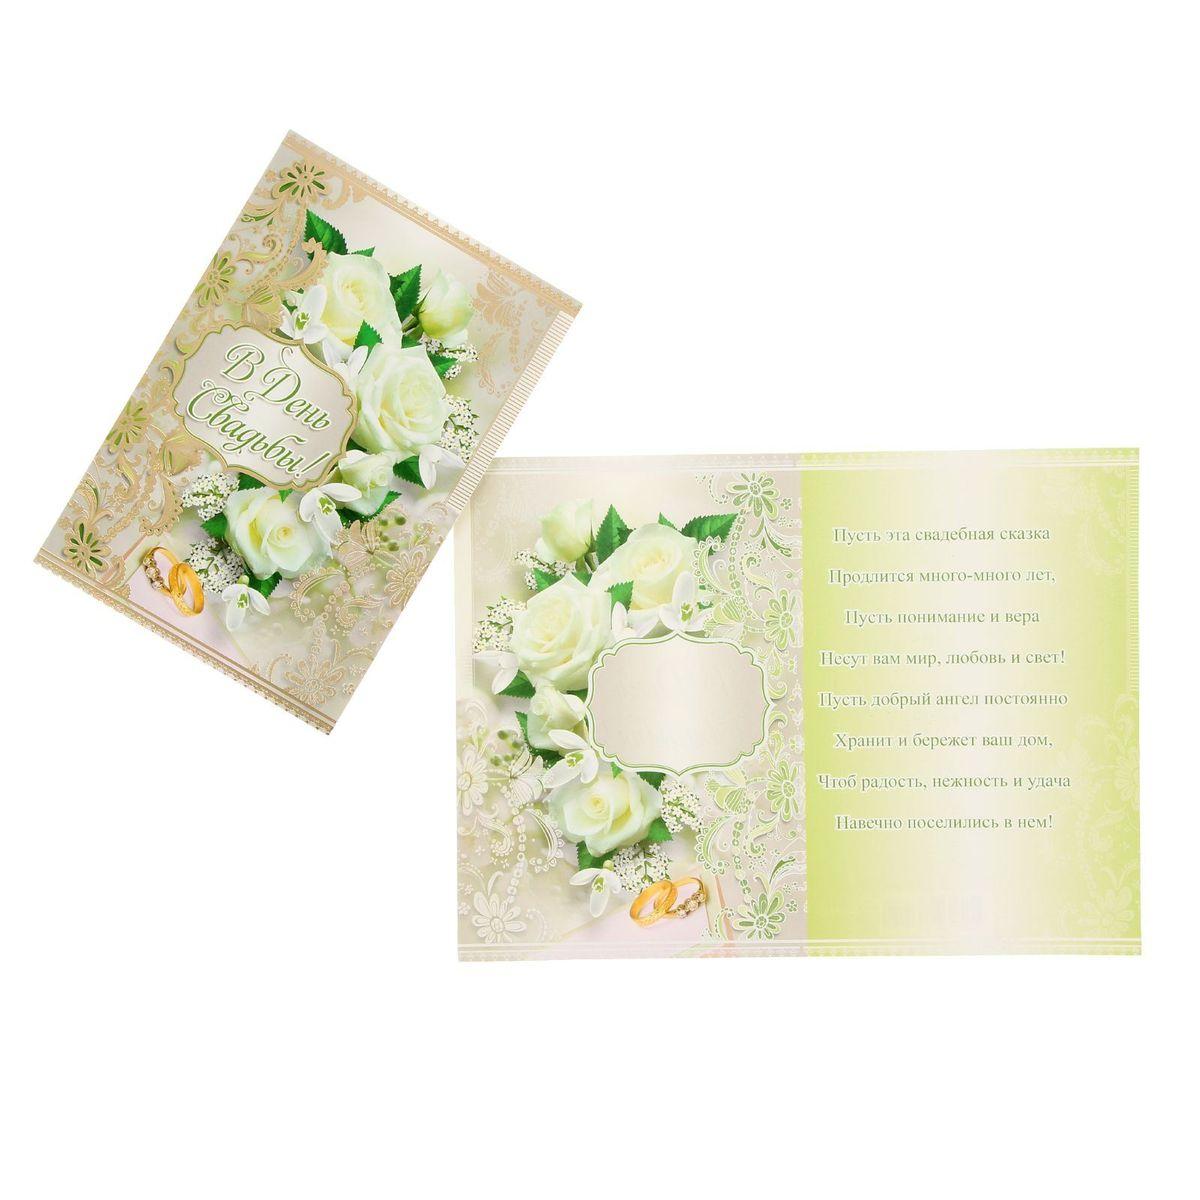 Открытка Sima-land В день свадьбы! Белые розы1181786Если вы хотите порадовать себя или близких, создать праздничное настроение и с улыбкой провести памятный день, то вы, несомненно, сделали правильный выбор! Открытка Sima-land В день свадьбы! Белые розы, выполненная из плотной бумаги, отличается не только оригинальным дизайном, но и высоким качеством.Лицевая сторона изделия оформлена ярким изображением. Внутри открытка содержит текст с поздравлением.Такая открытка непременно порадует получателя и станет отличным напоминанием о проведенном вместе времени.